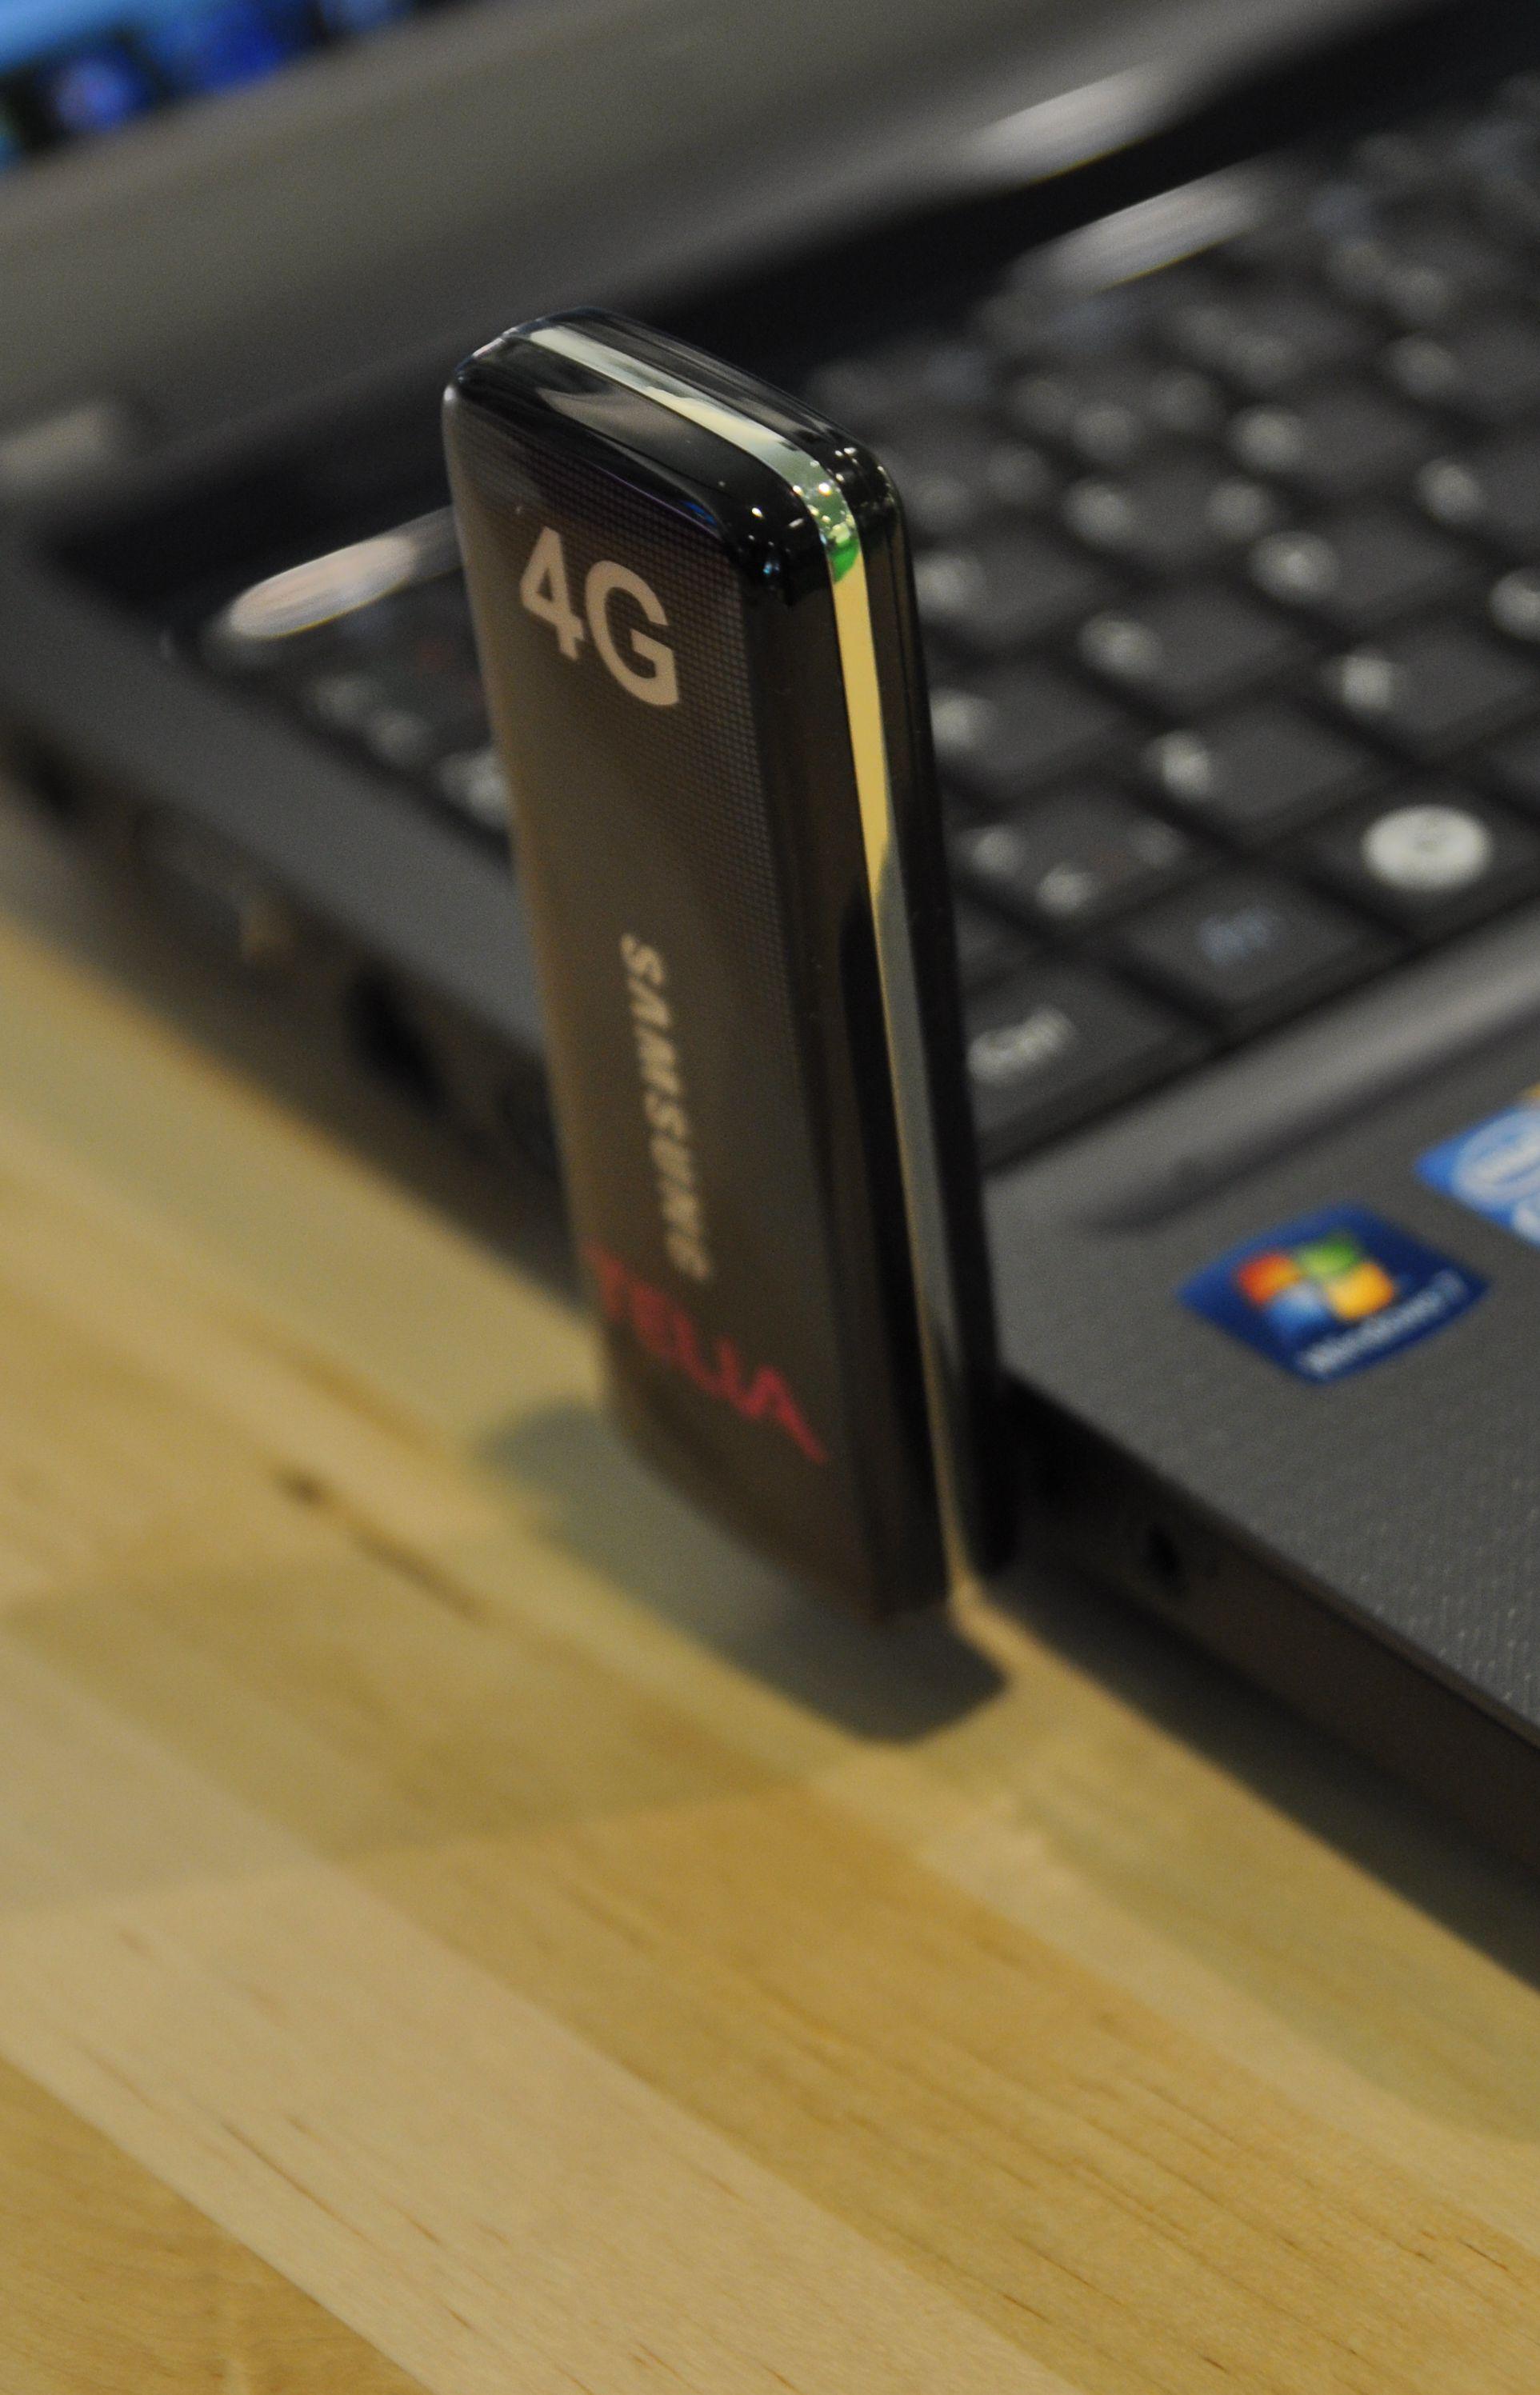 Samsung_4G_LTE_modem-1-200.jpg?nocache=1322931577180